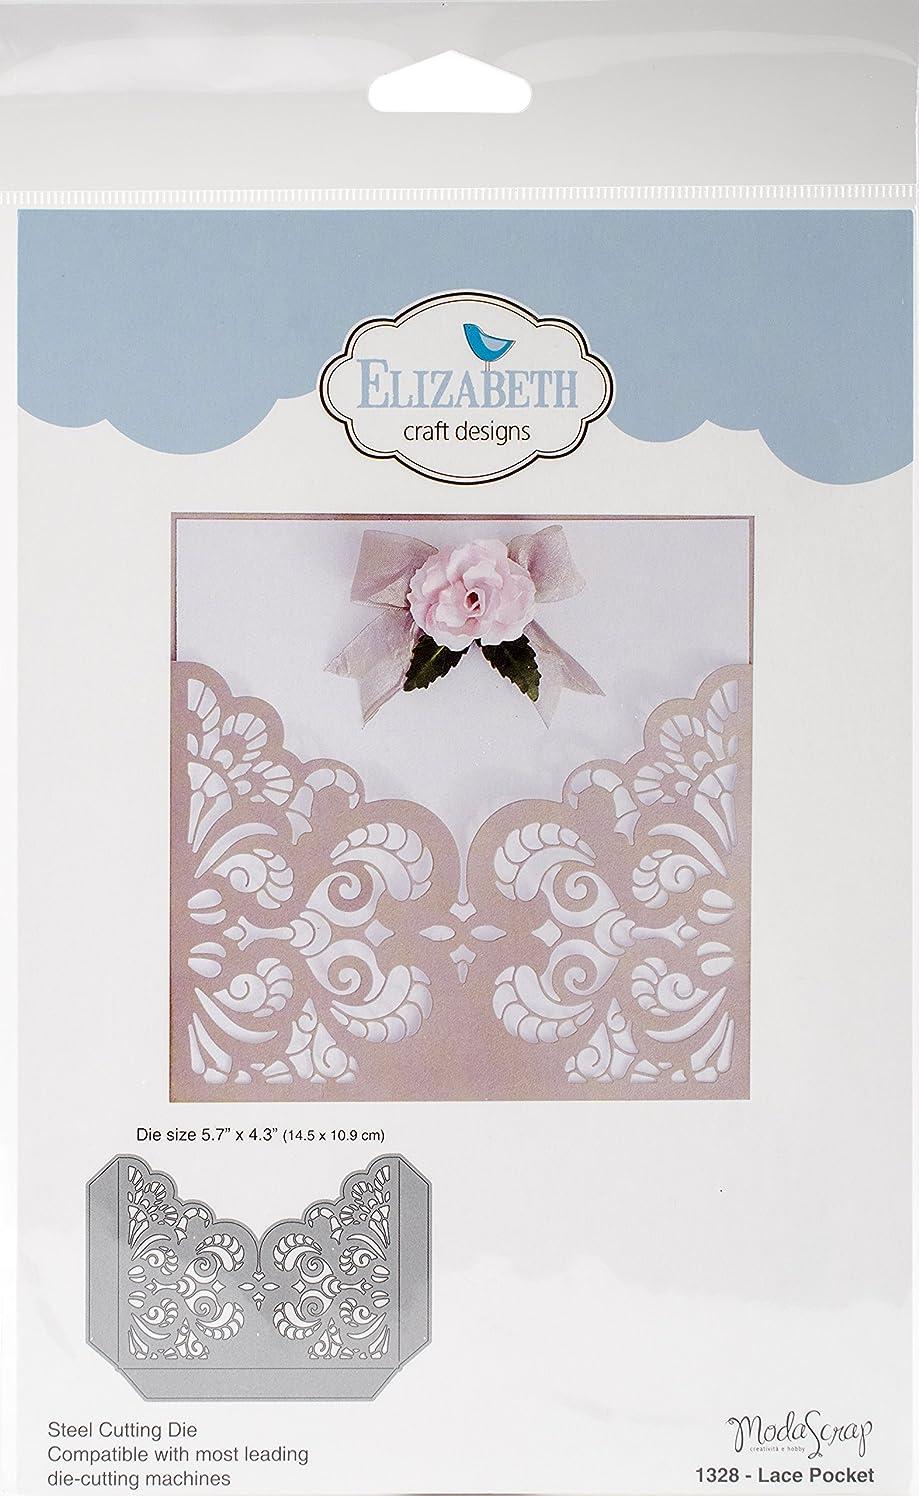 Elizabeth Craft Designs 1328 Metal Die Lace Pocket, 5.7